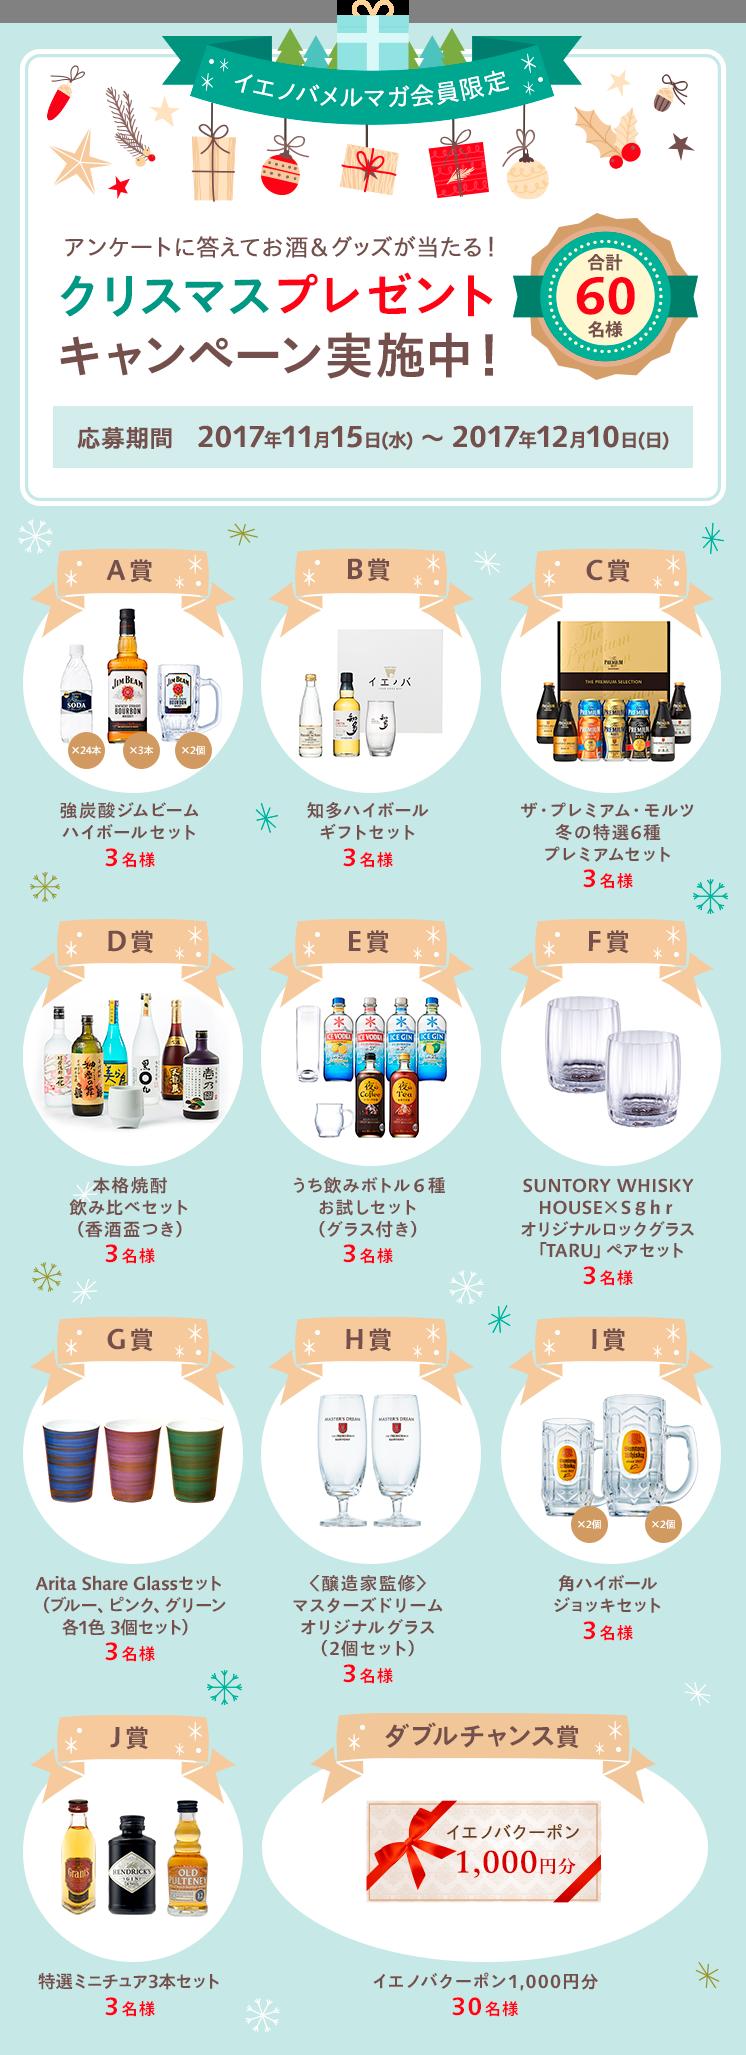 クリスマスプレゼントキャンペーン アンケートに答えてお酒&グッズが当たる! 応募期間 2017年11月15日(水)〜2017年12月10日(日)